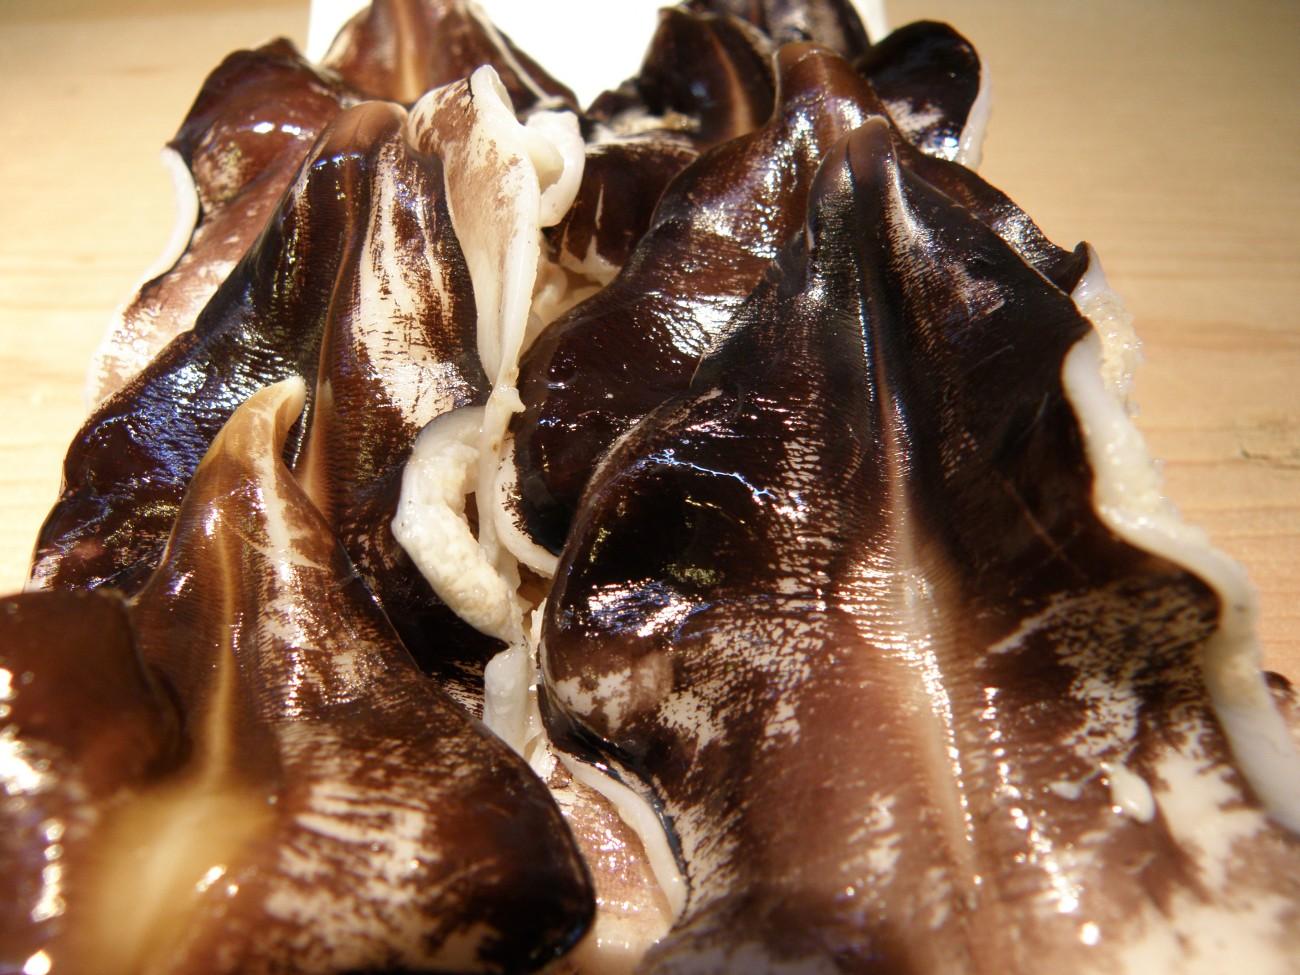 淡路島産のトリガイ♪初荷です!!身はまだ小さいですが、珍しく入荷いたしました♪冷凍では味わえない生の良さを是非♪